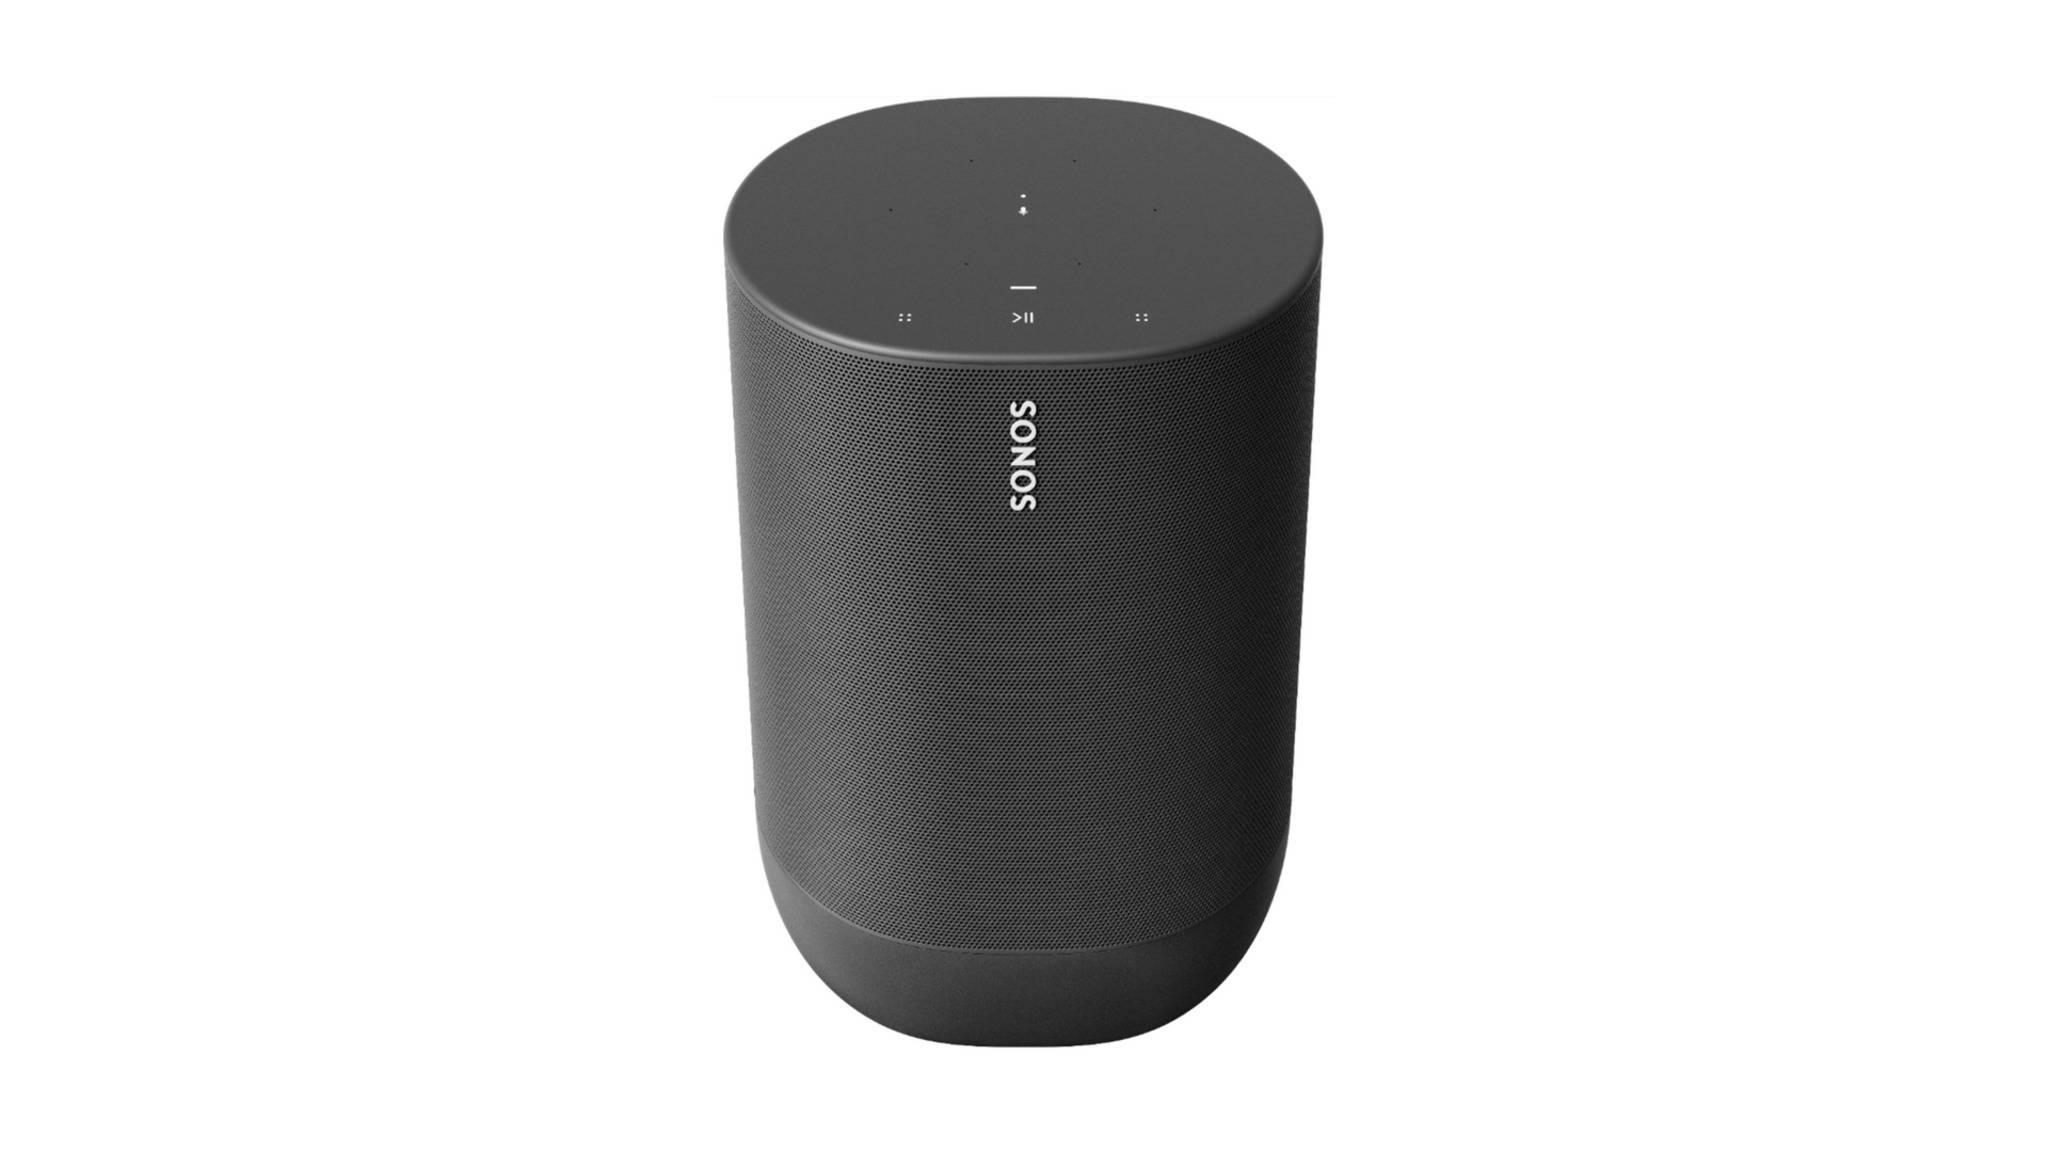 So soll der mobile Sonos-Bluetooth-Lautsprecher aussehen.